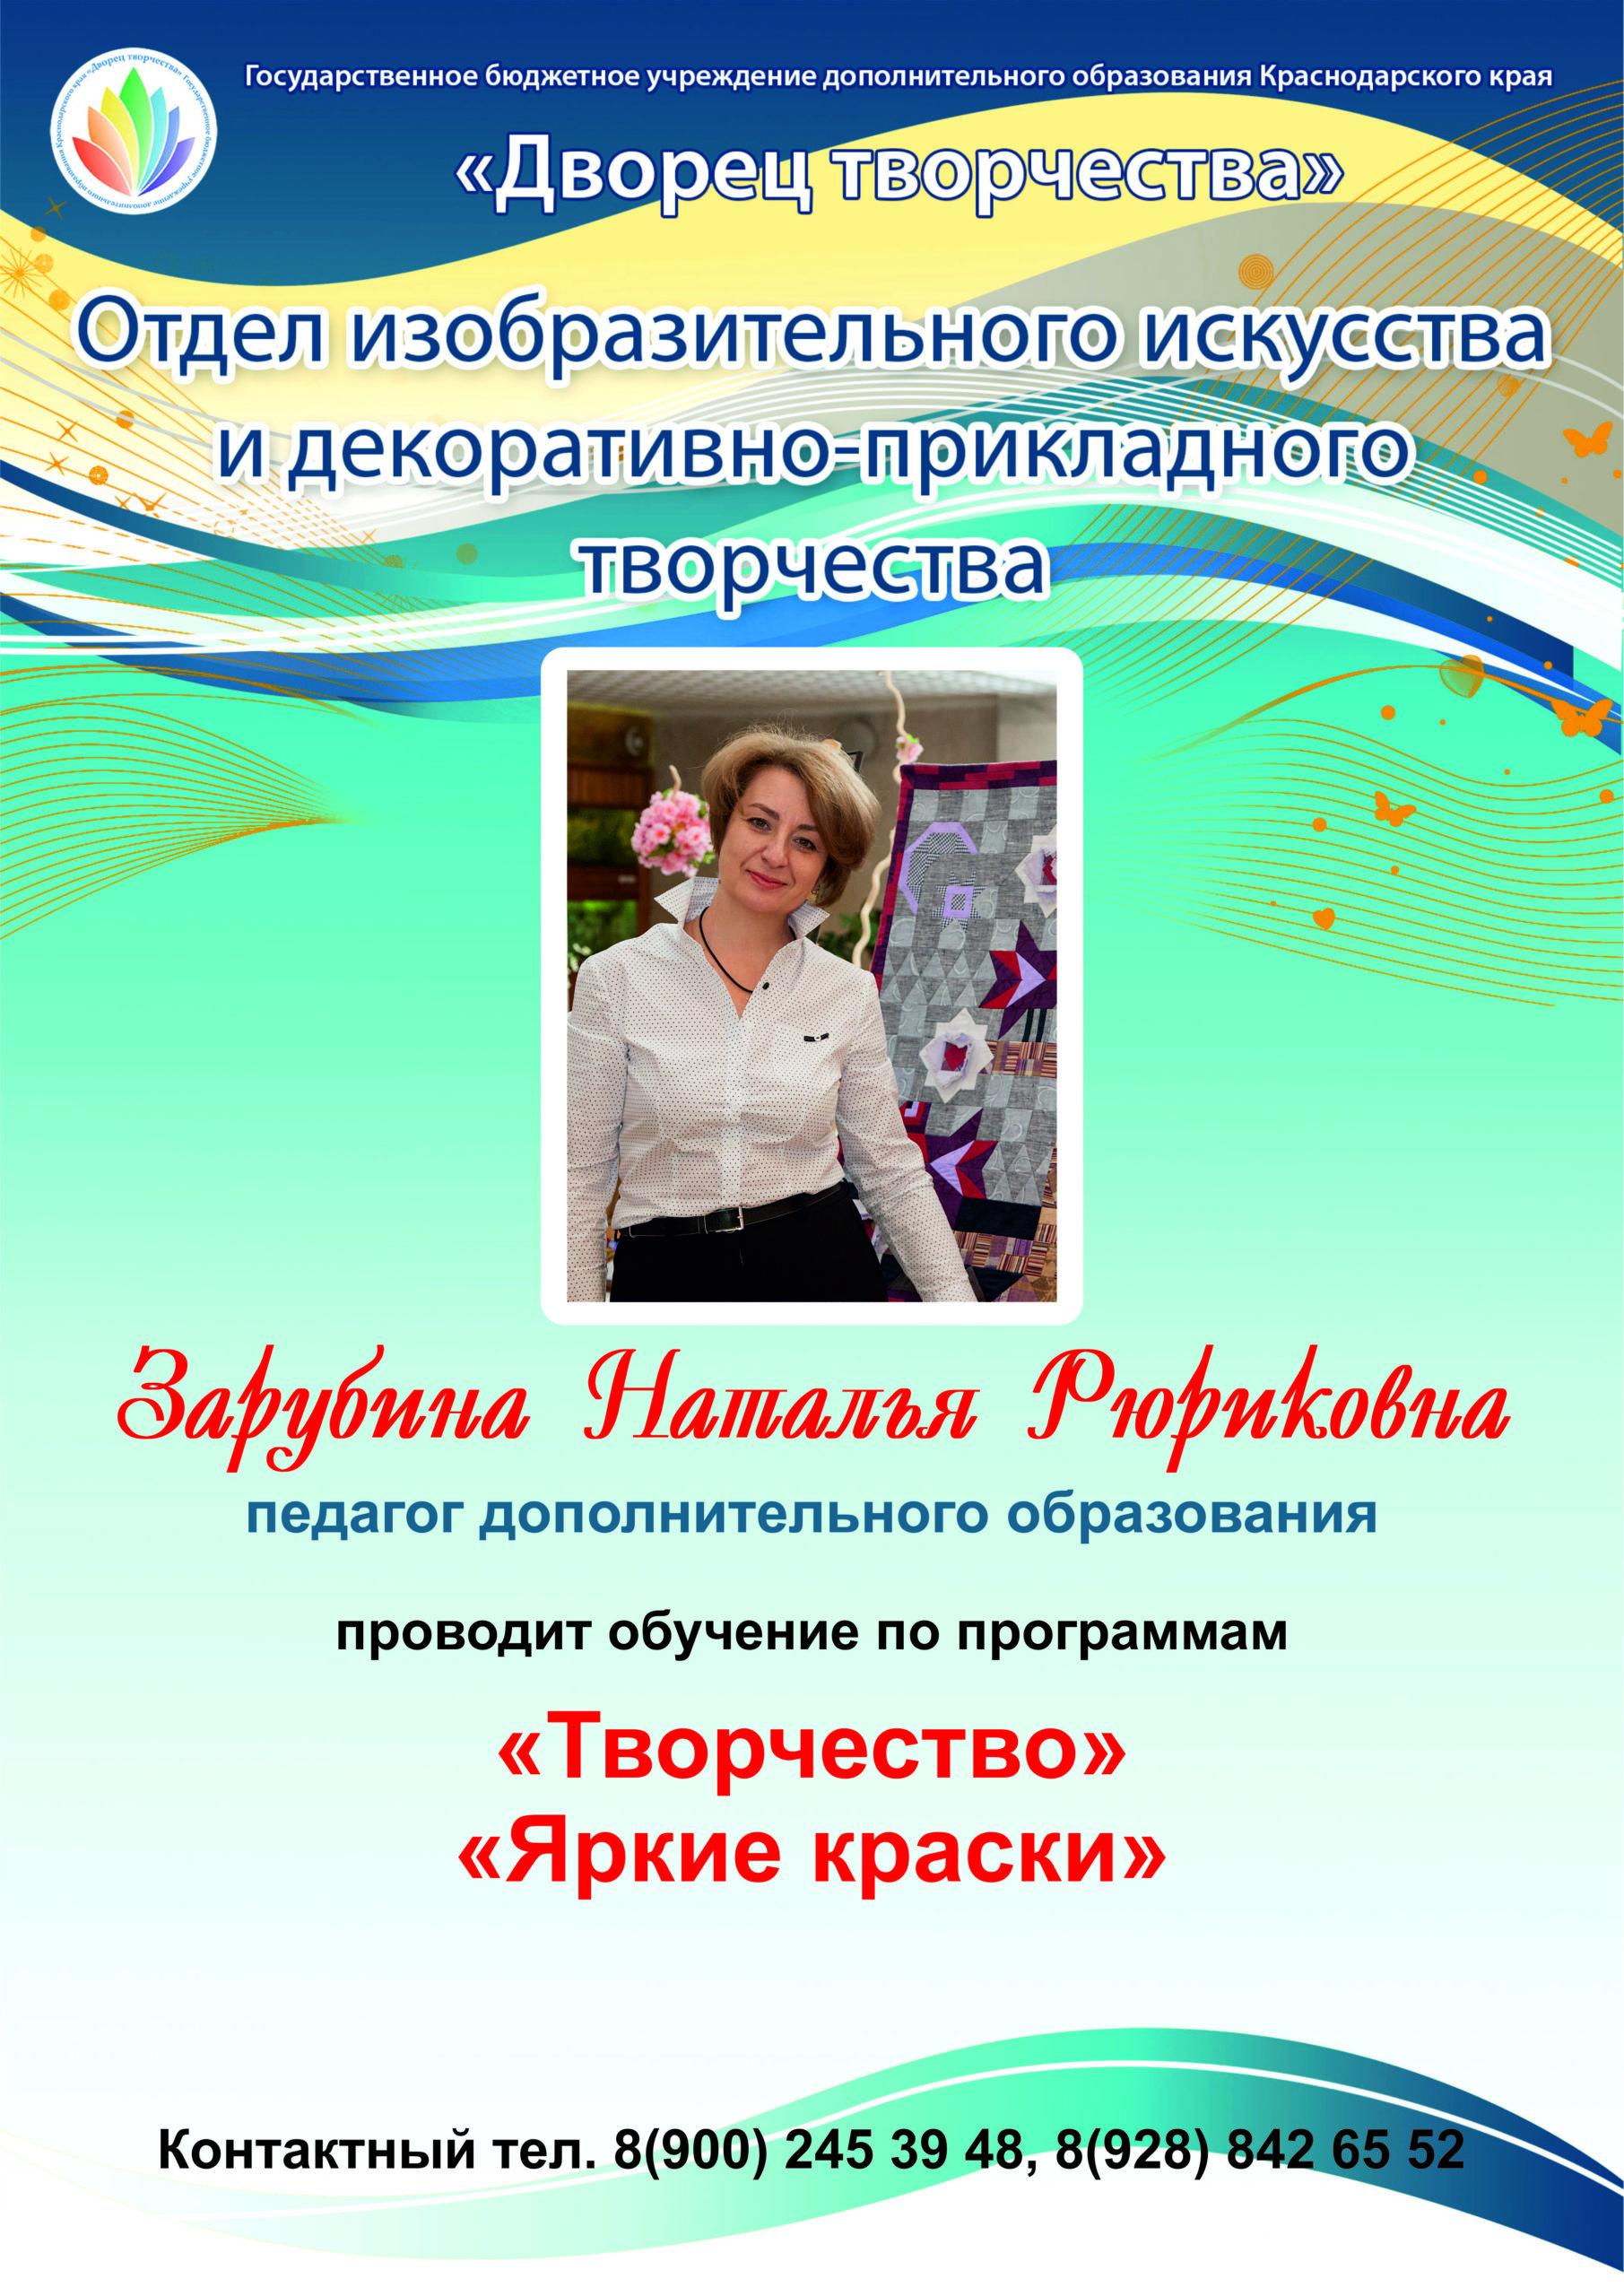 Афиша-реклама педагоги Зарубина